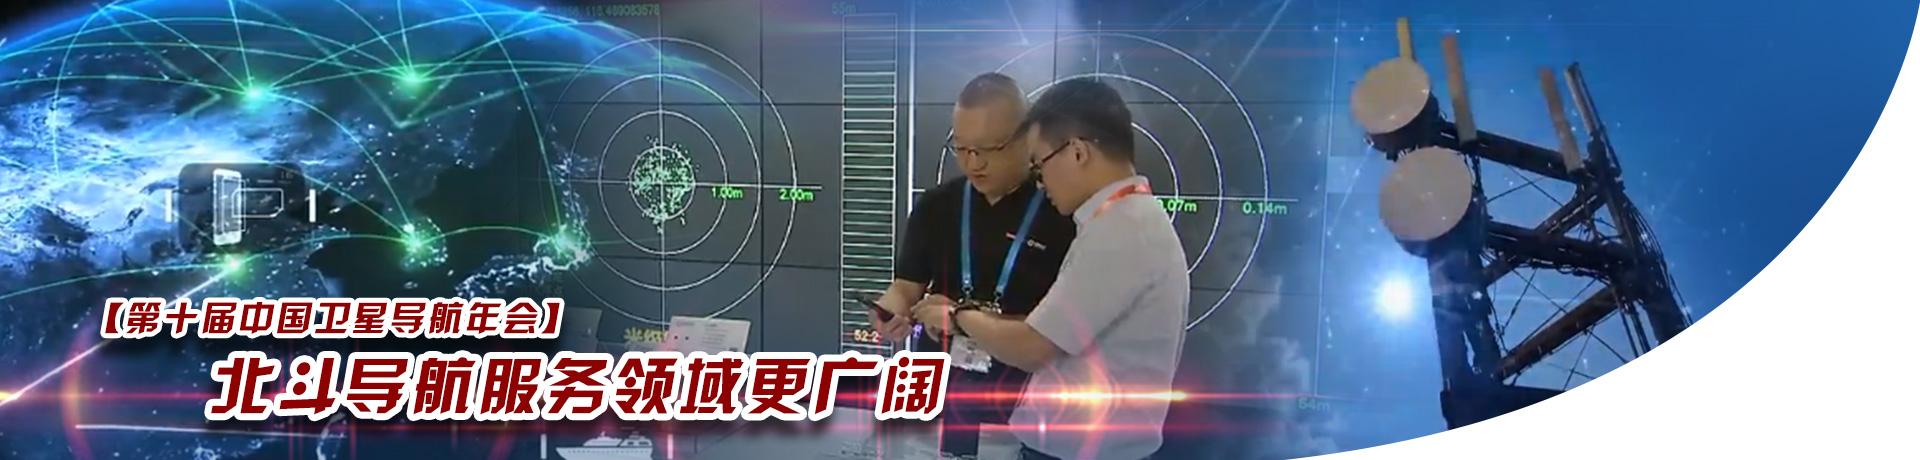 第十届中国卫星导航年会:北斗导航服务领域更广阔